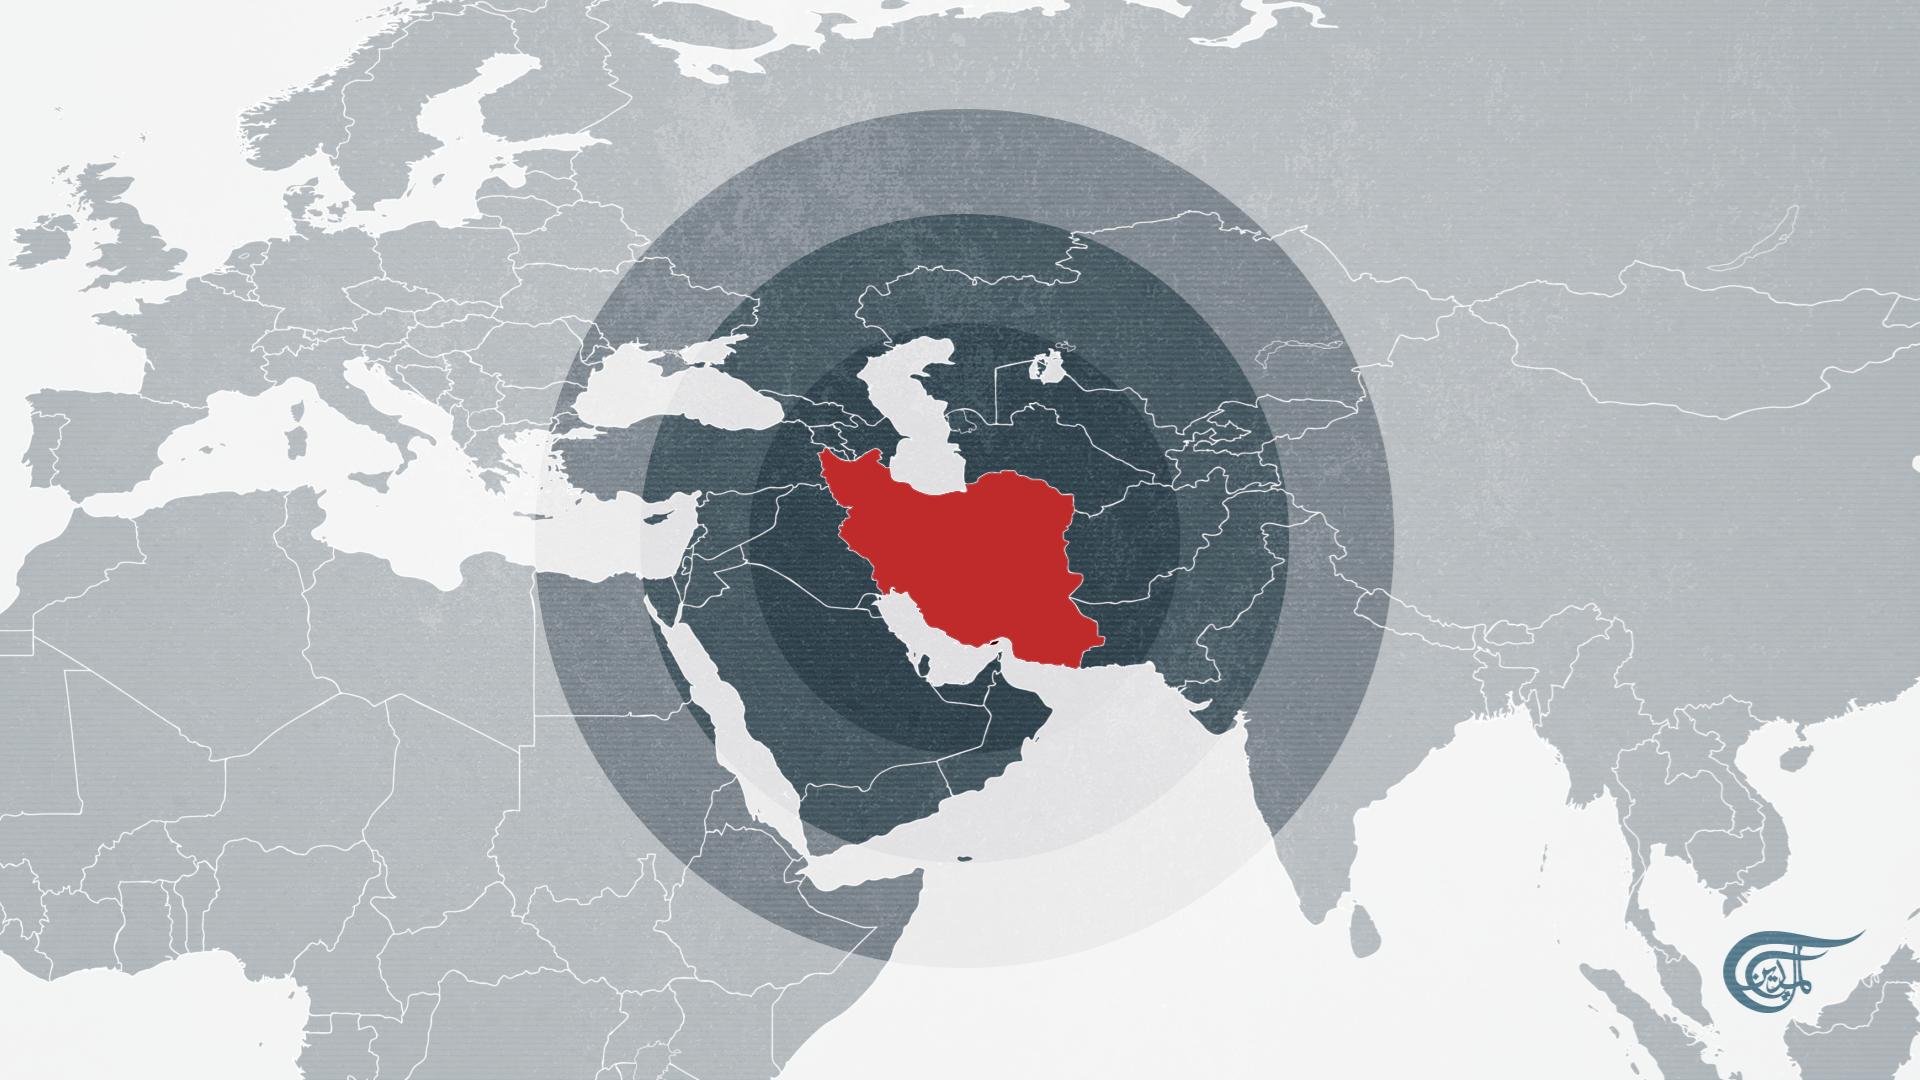 الأهم في موقع إيران الجغرافي بالنسبة إلى الصراع الروسي الأميركي أنها تشكل فاصلاً حيوياً وحسّاساً بين أفغانستان وباكستان